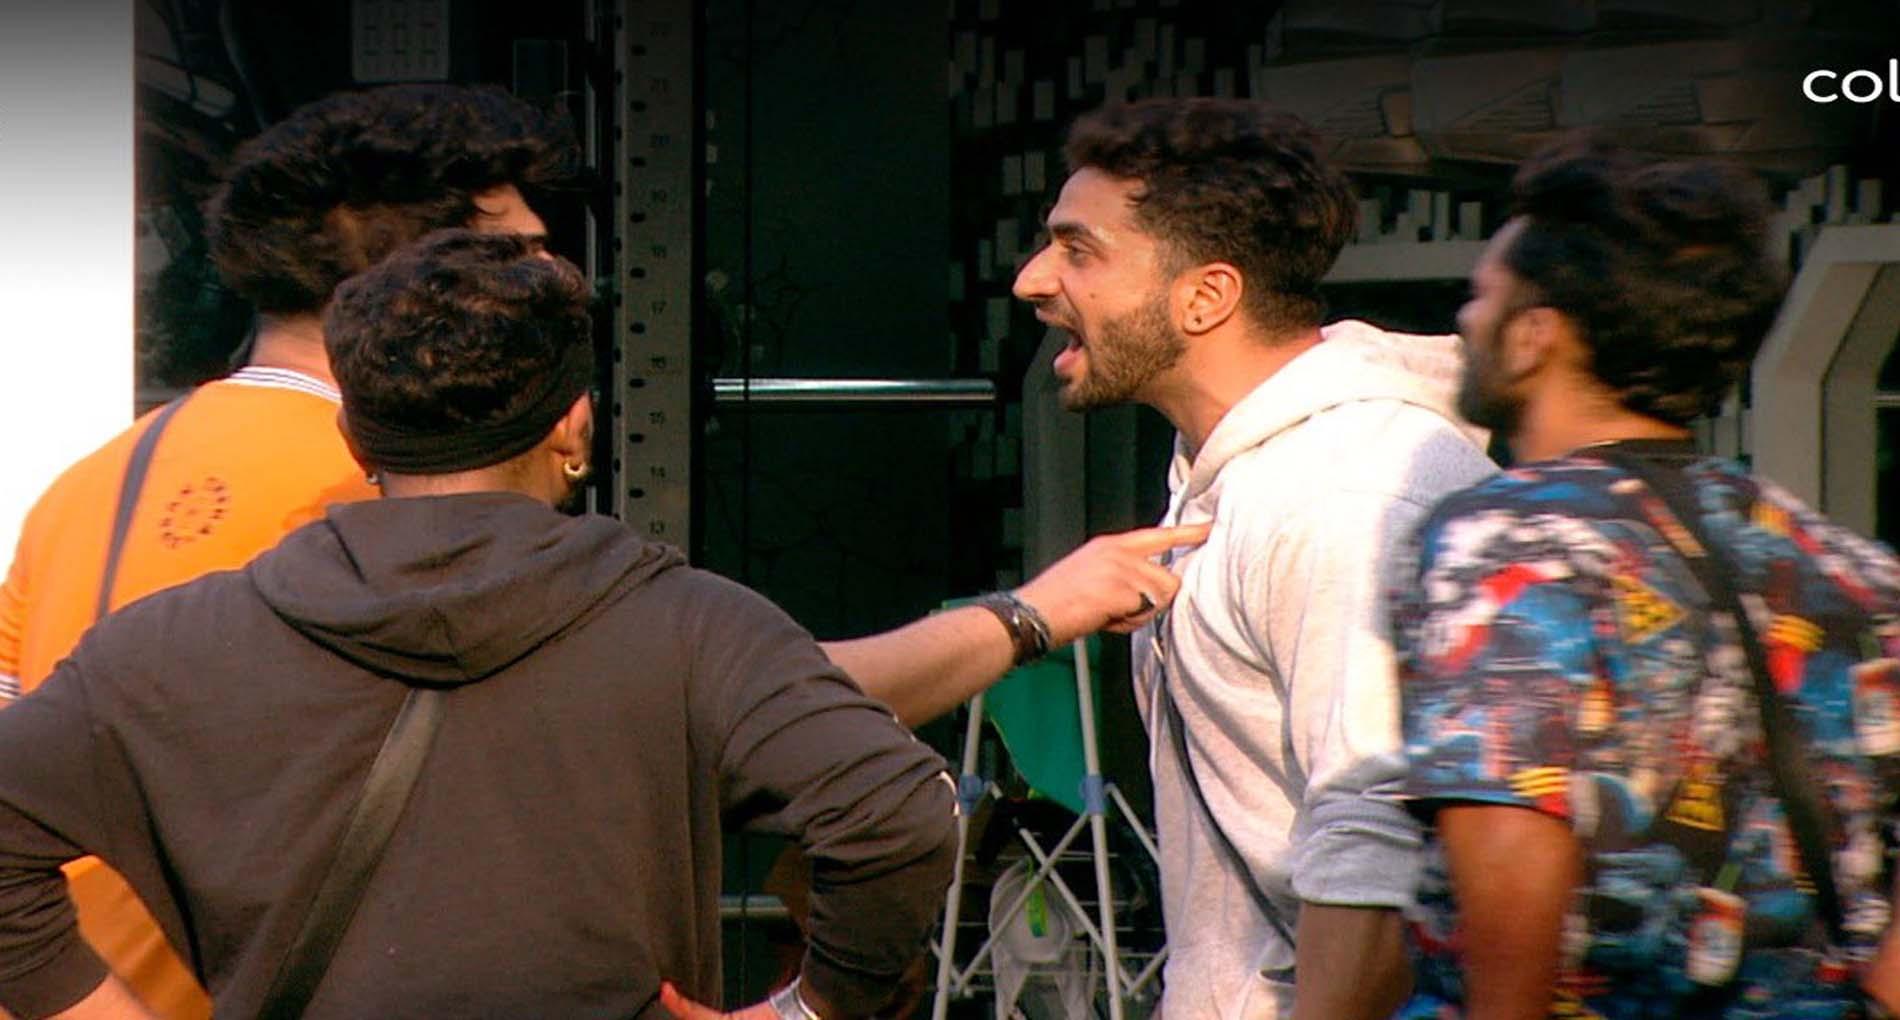 Bigg Boss 14: रुबीना ने जीता 'टिकट टू फिनाले'! अली गोनी ने पारस छाबड़ा पर उठाए सवाल